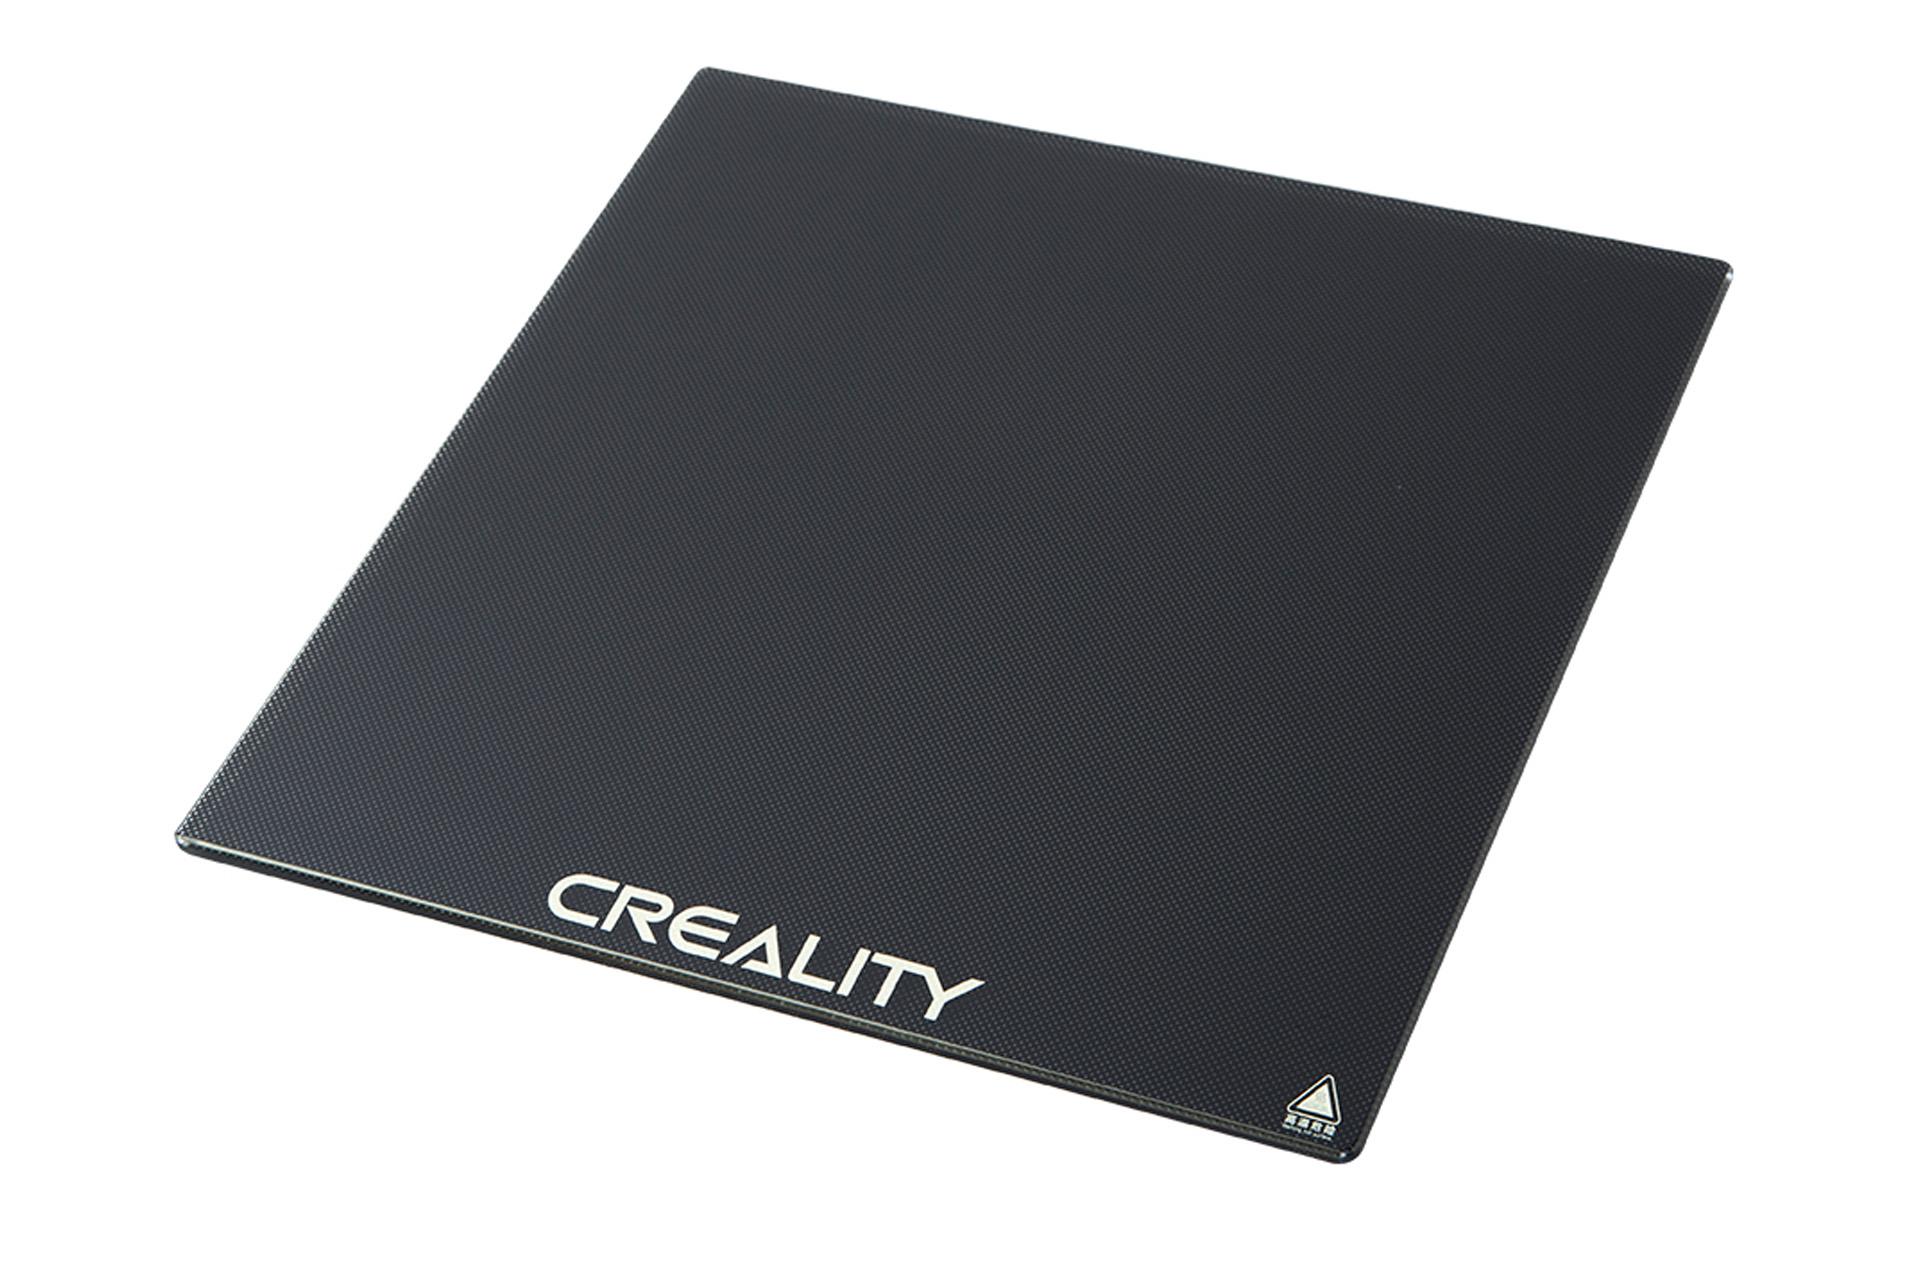 Карбоновое стекло Creality 240 x 220 мм купить киев харьков днепр одесса запорожье львов 1